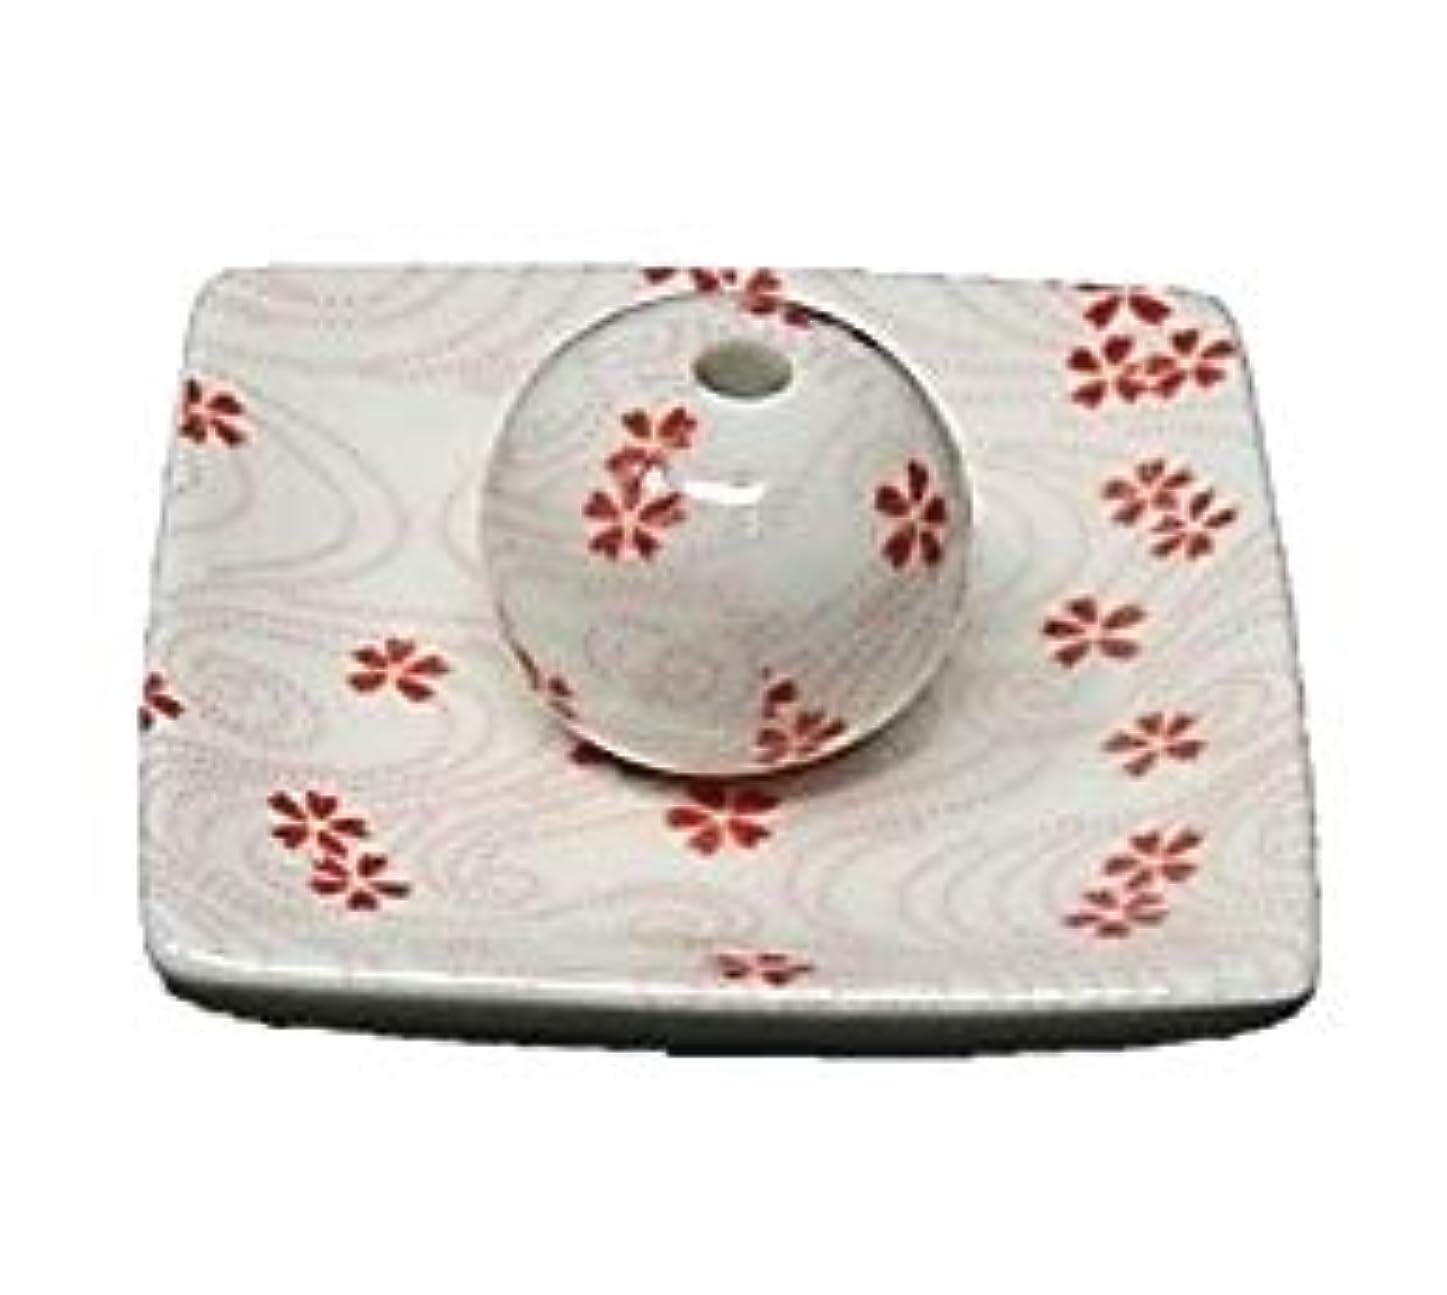 高尚な行枯渇する桜渦 小角皿 お香立て 陶器 お香たて 製造直売 桜 さくら ACSWEBSHOPオリジナル